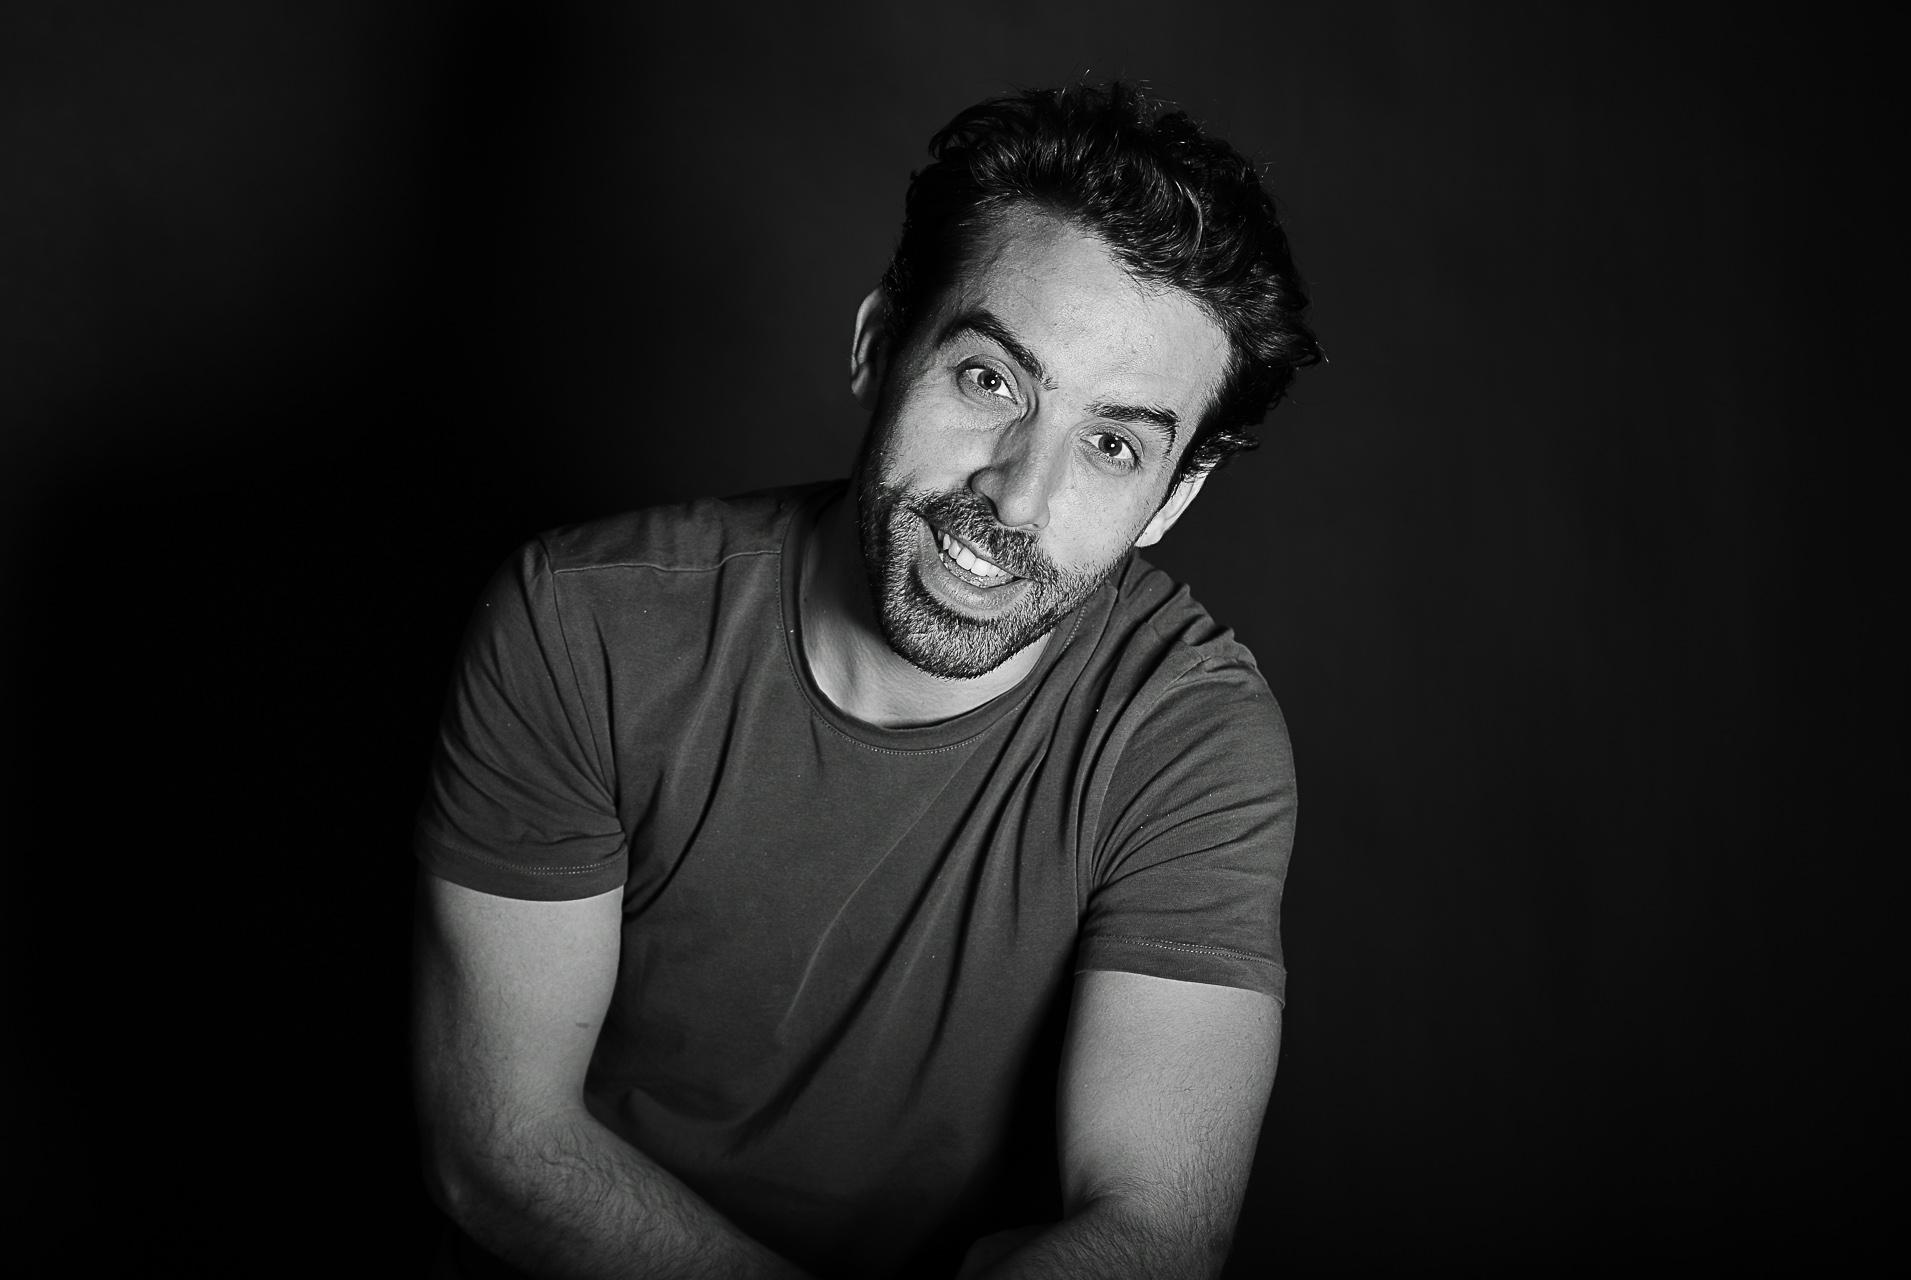 photographe-portrait-paris-comedien-jerome-lecamus